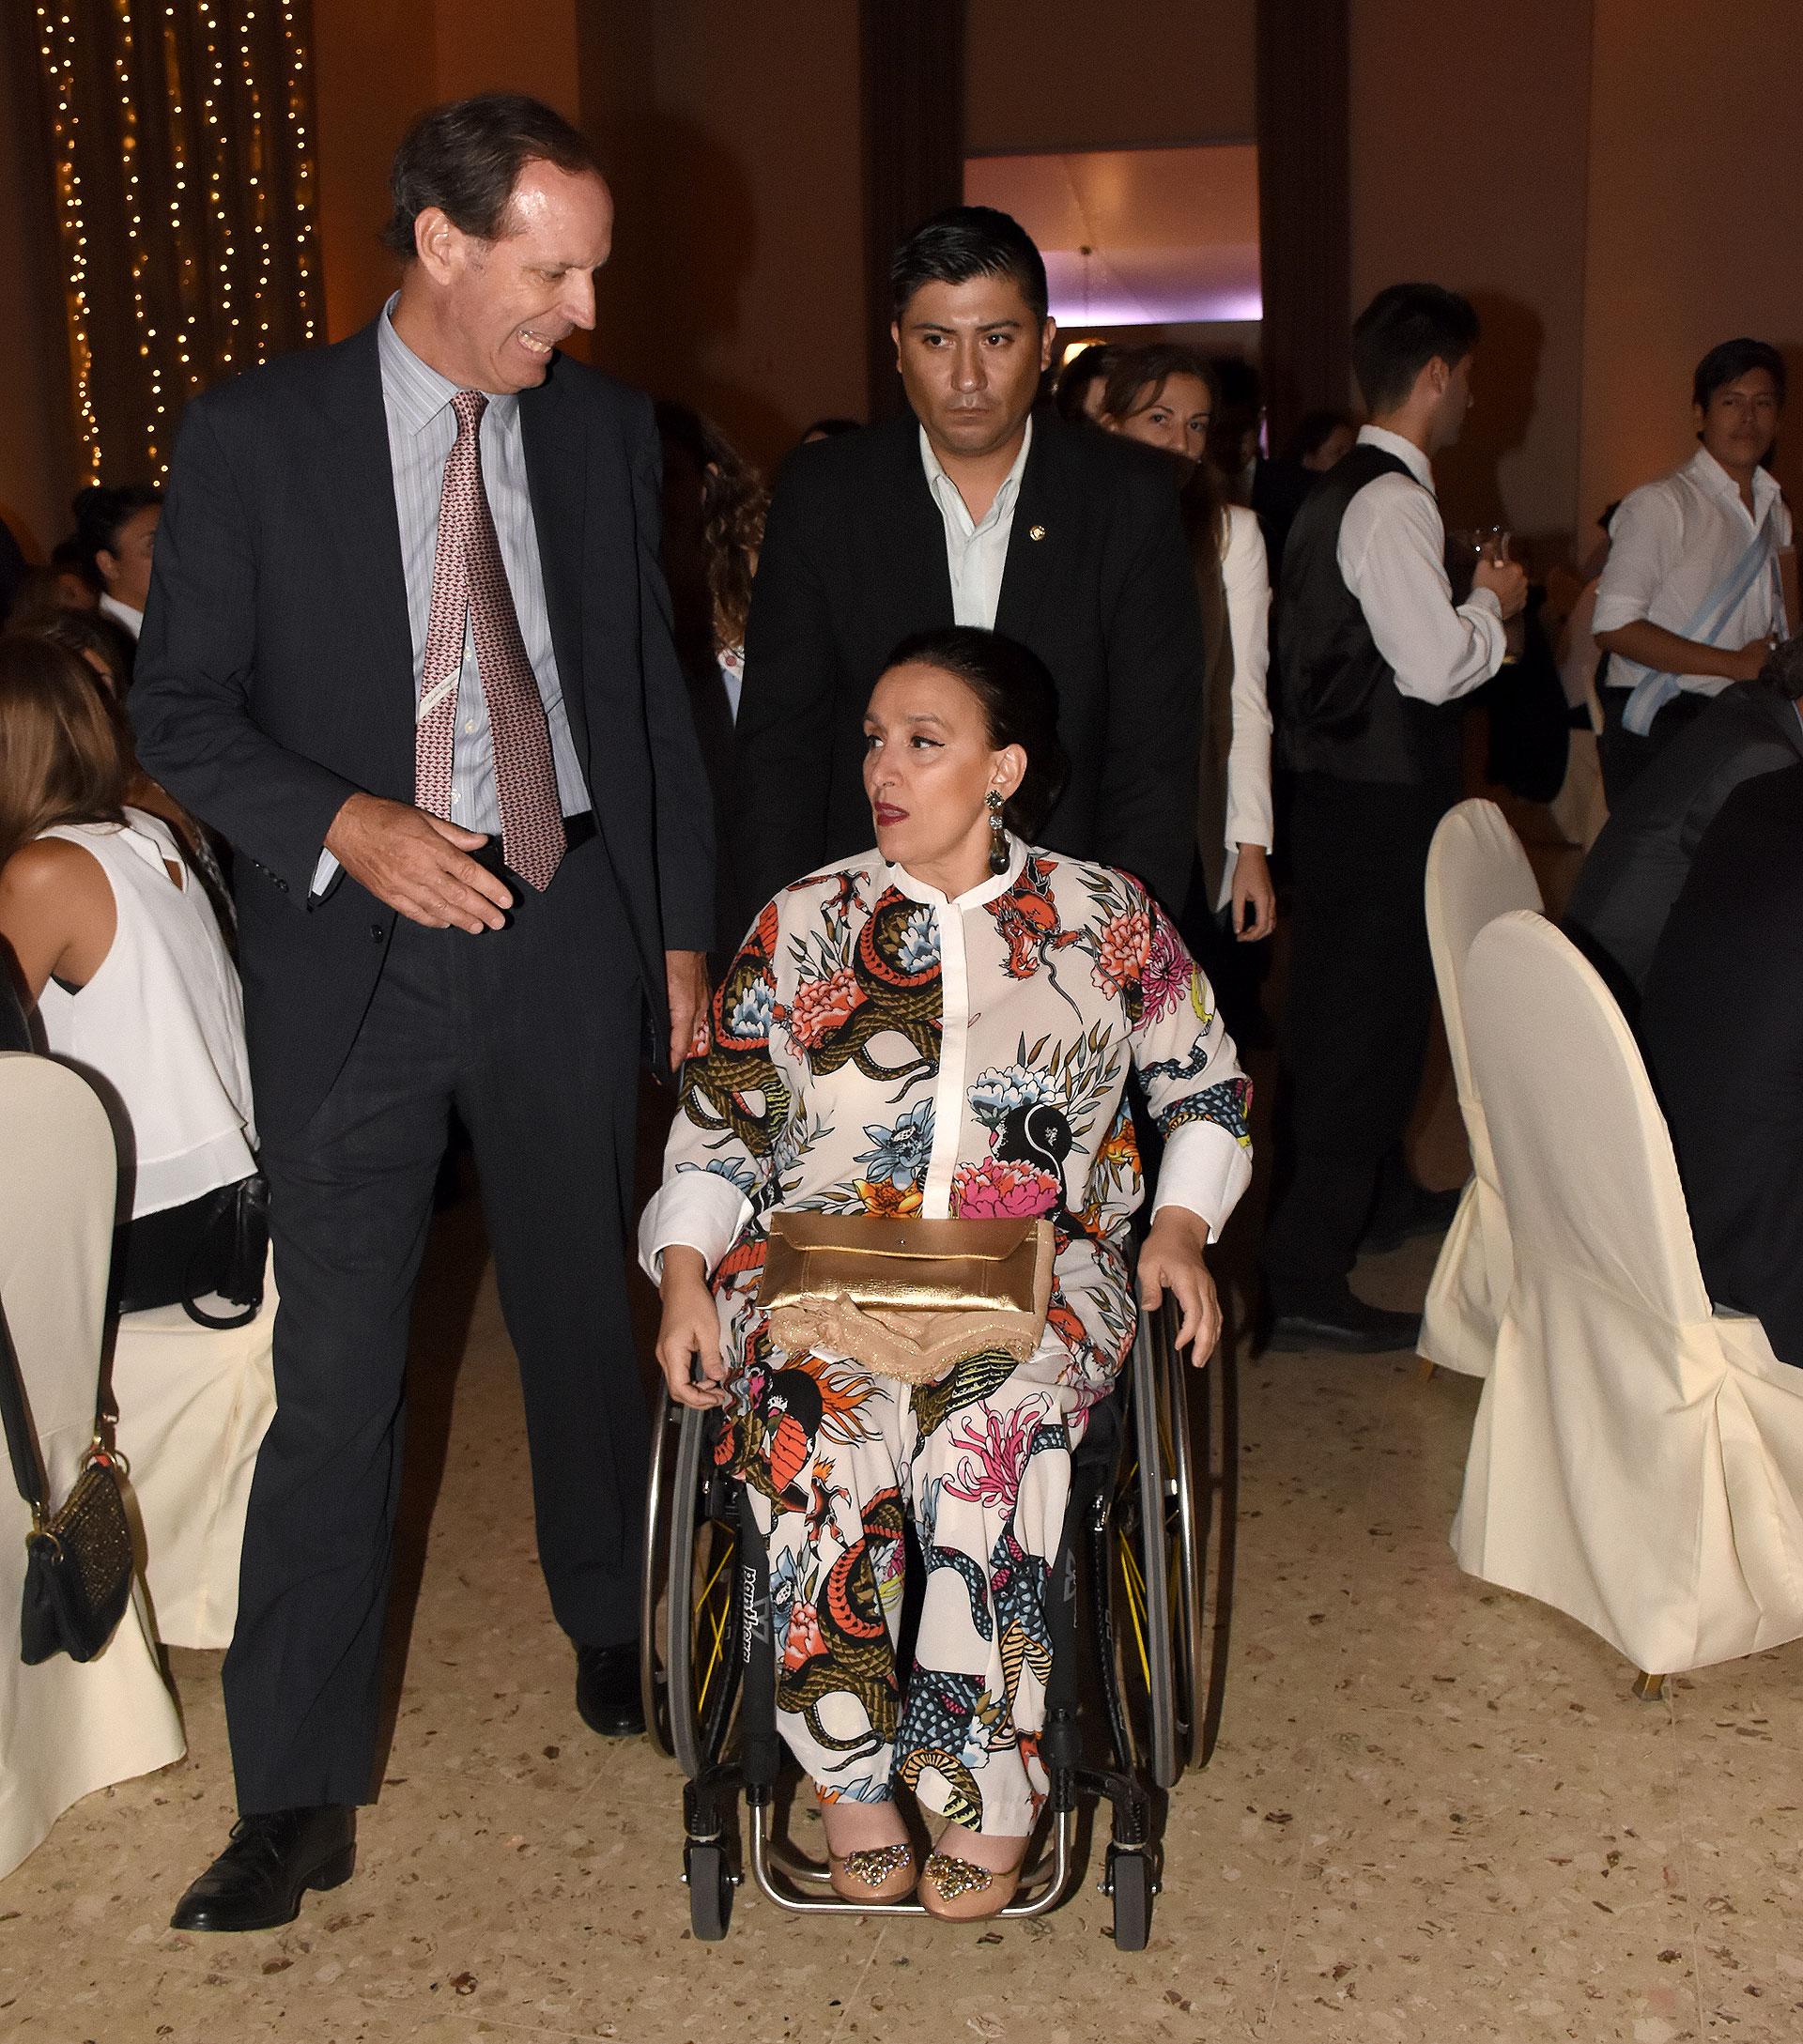 La llegada de Gabriela Michetti, vicepresidenta de la Nación